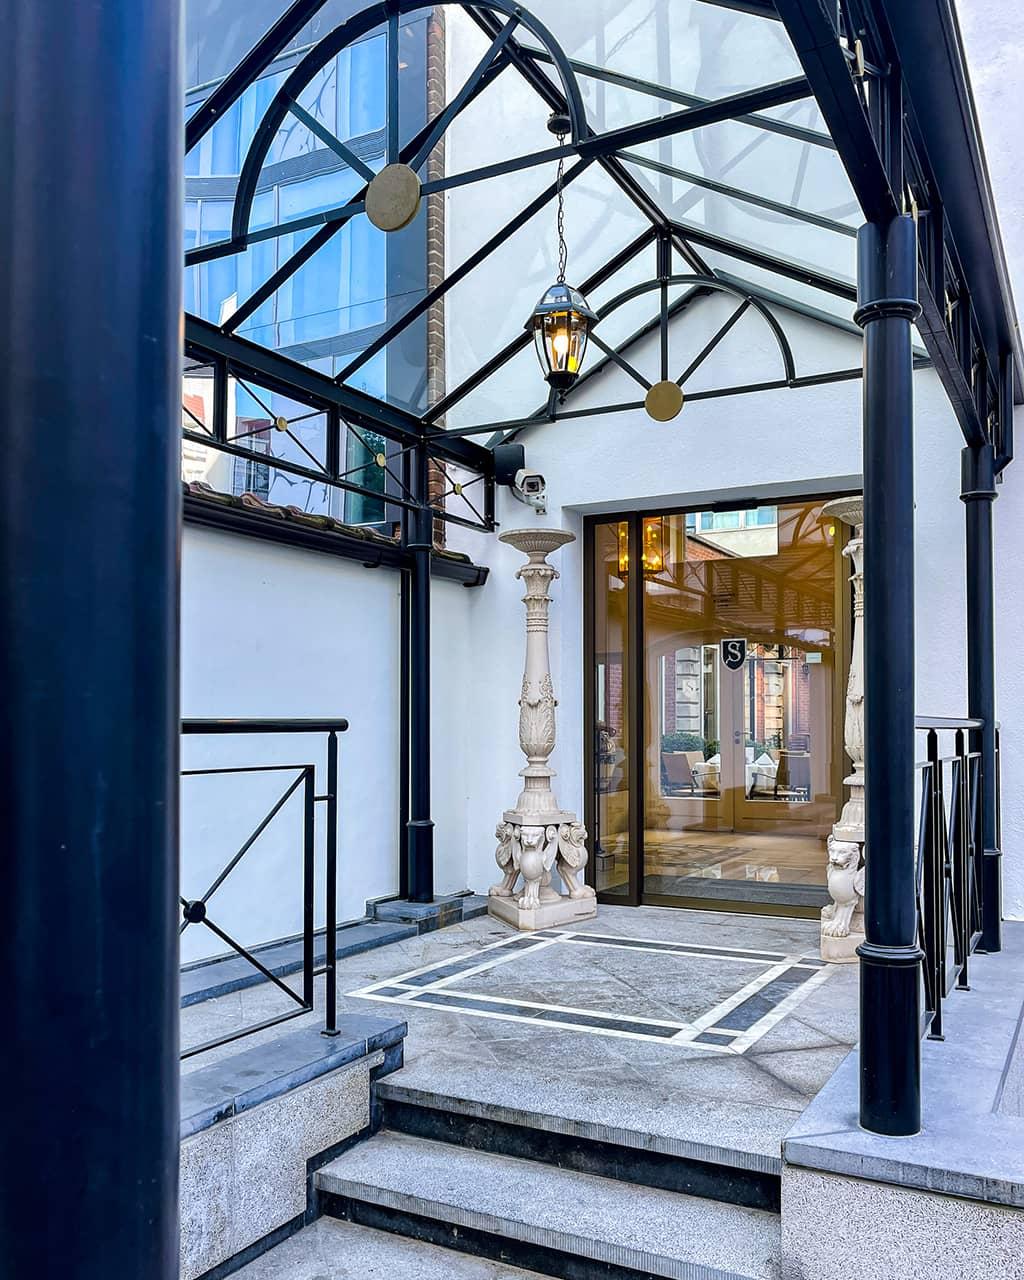 Hôtel de luxe à Bruxelles centre - Réouverture du Stanhope